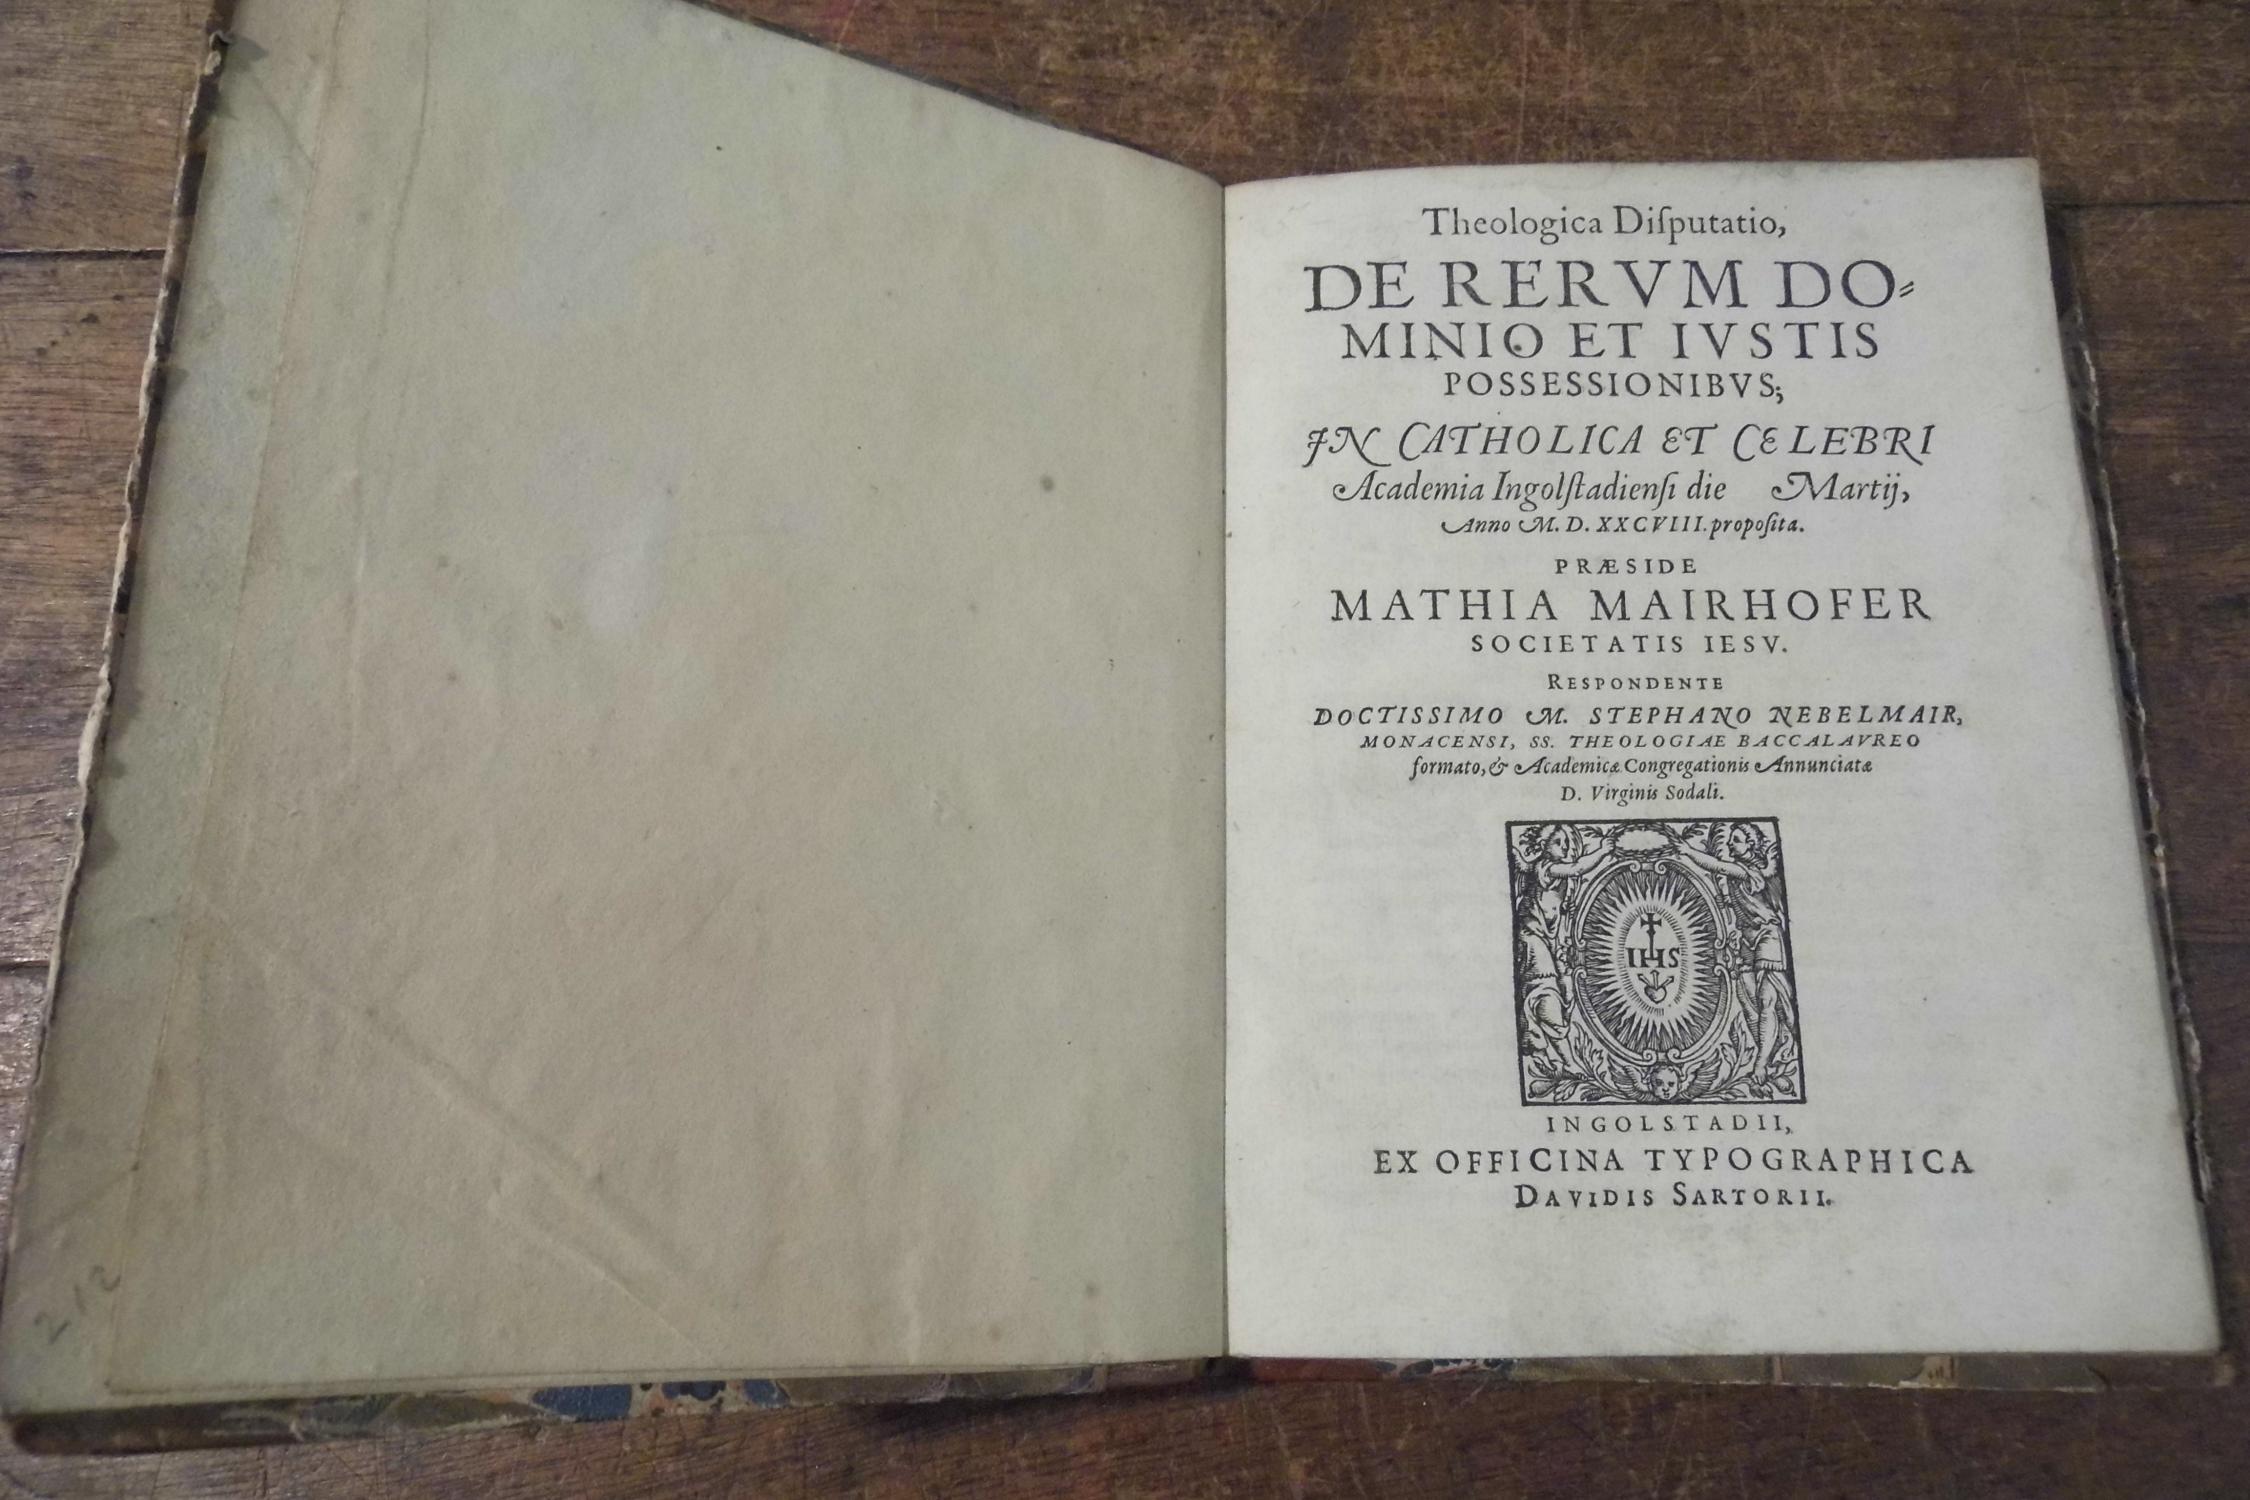 viaLibri ~ Rare Books from 1588 - Page 35